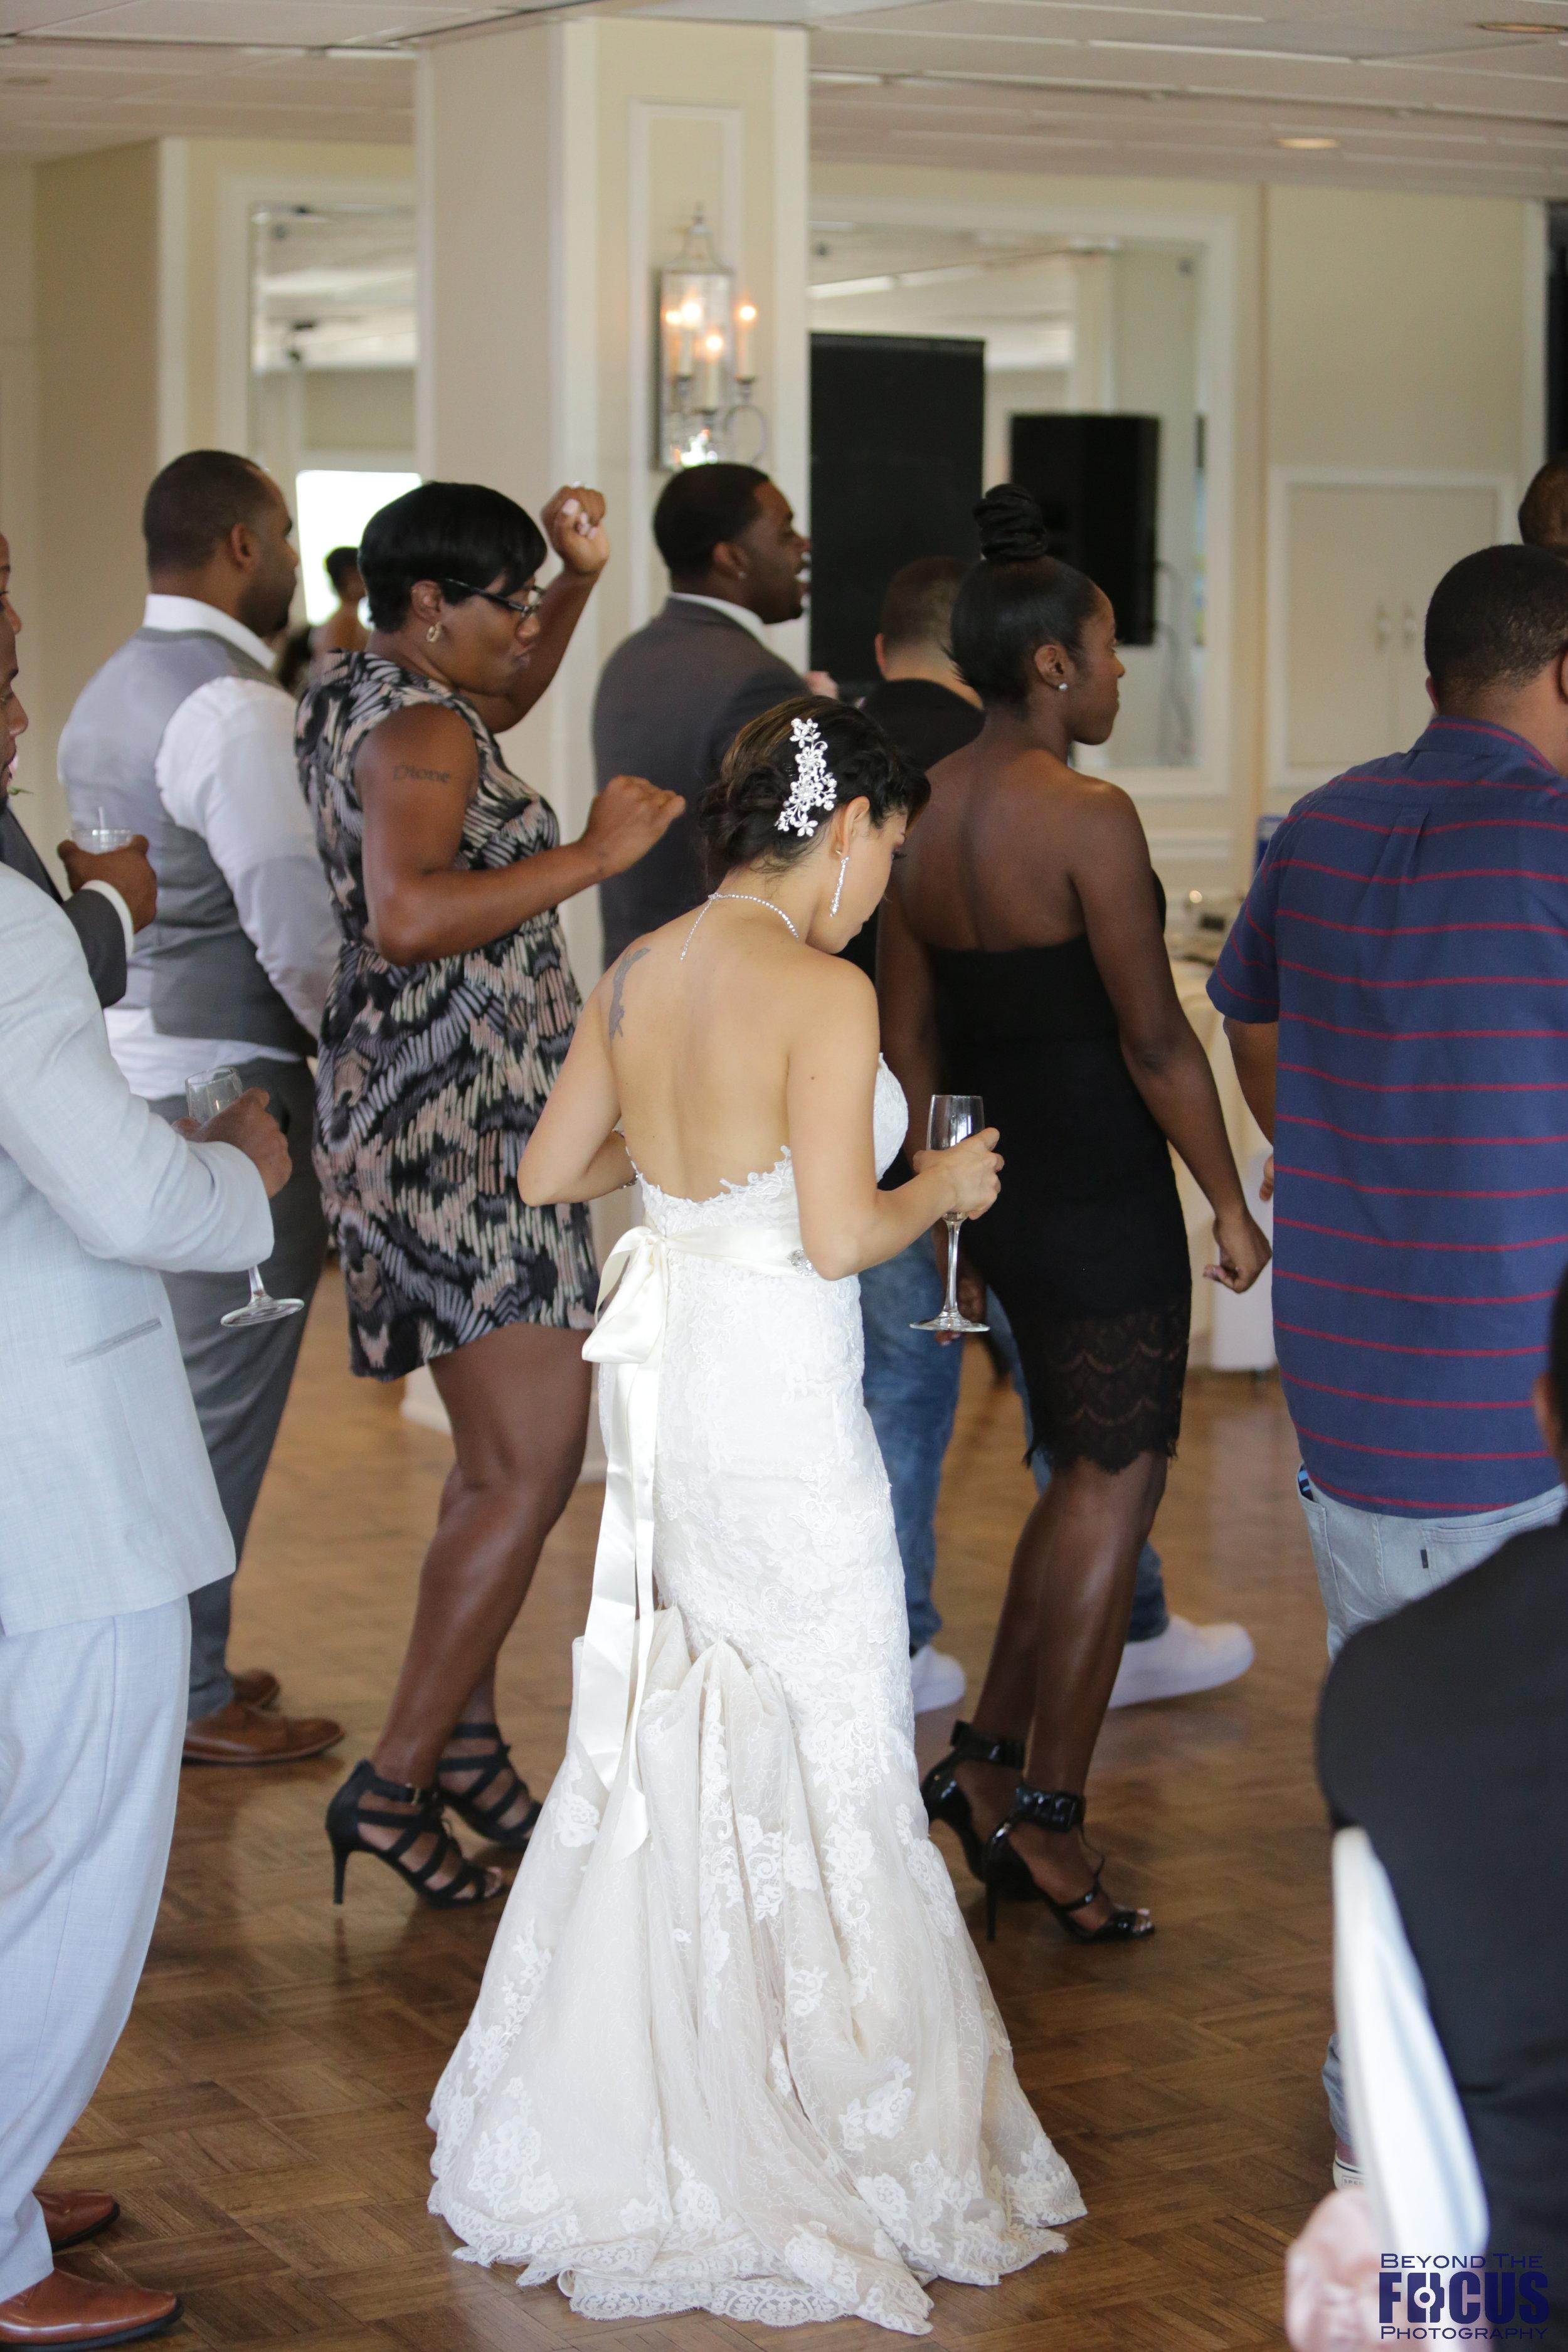 Palmer Wedding - Reception 22.jpg